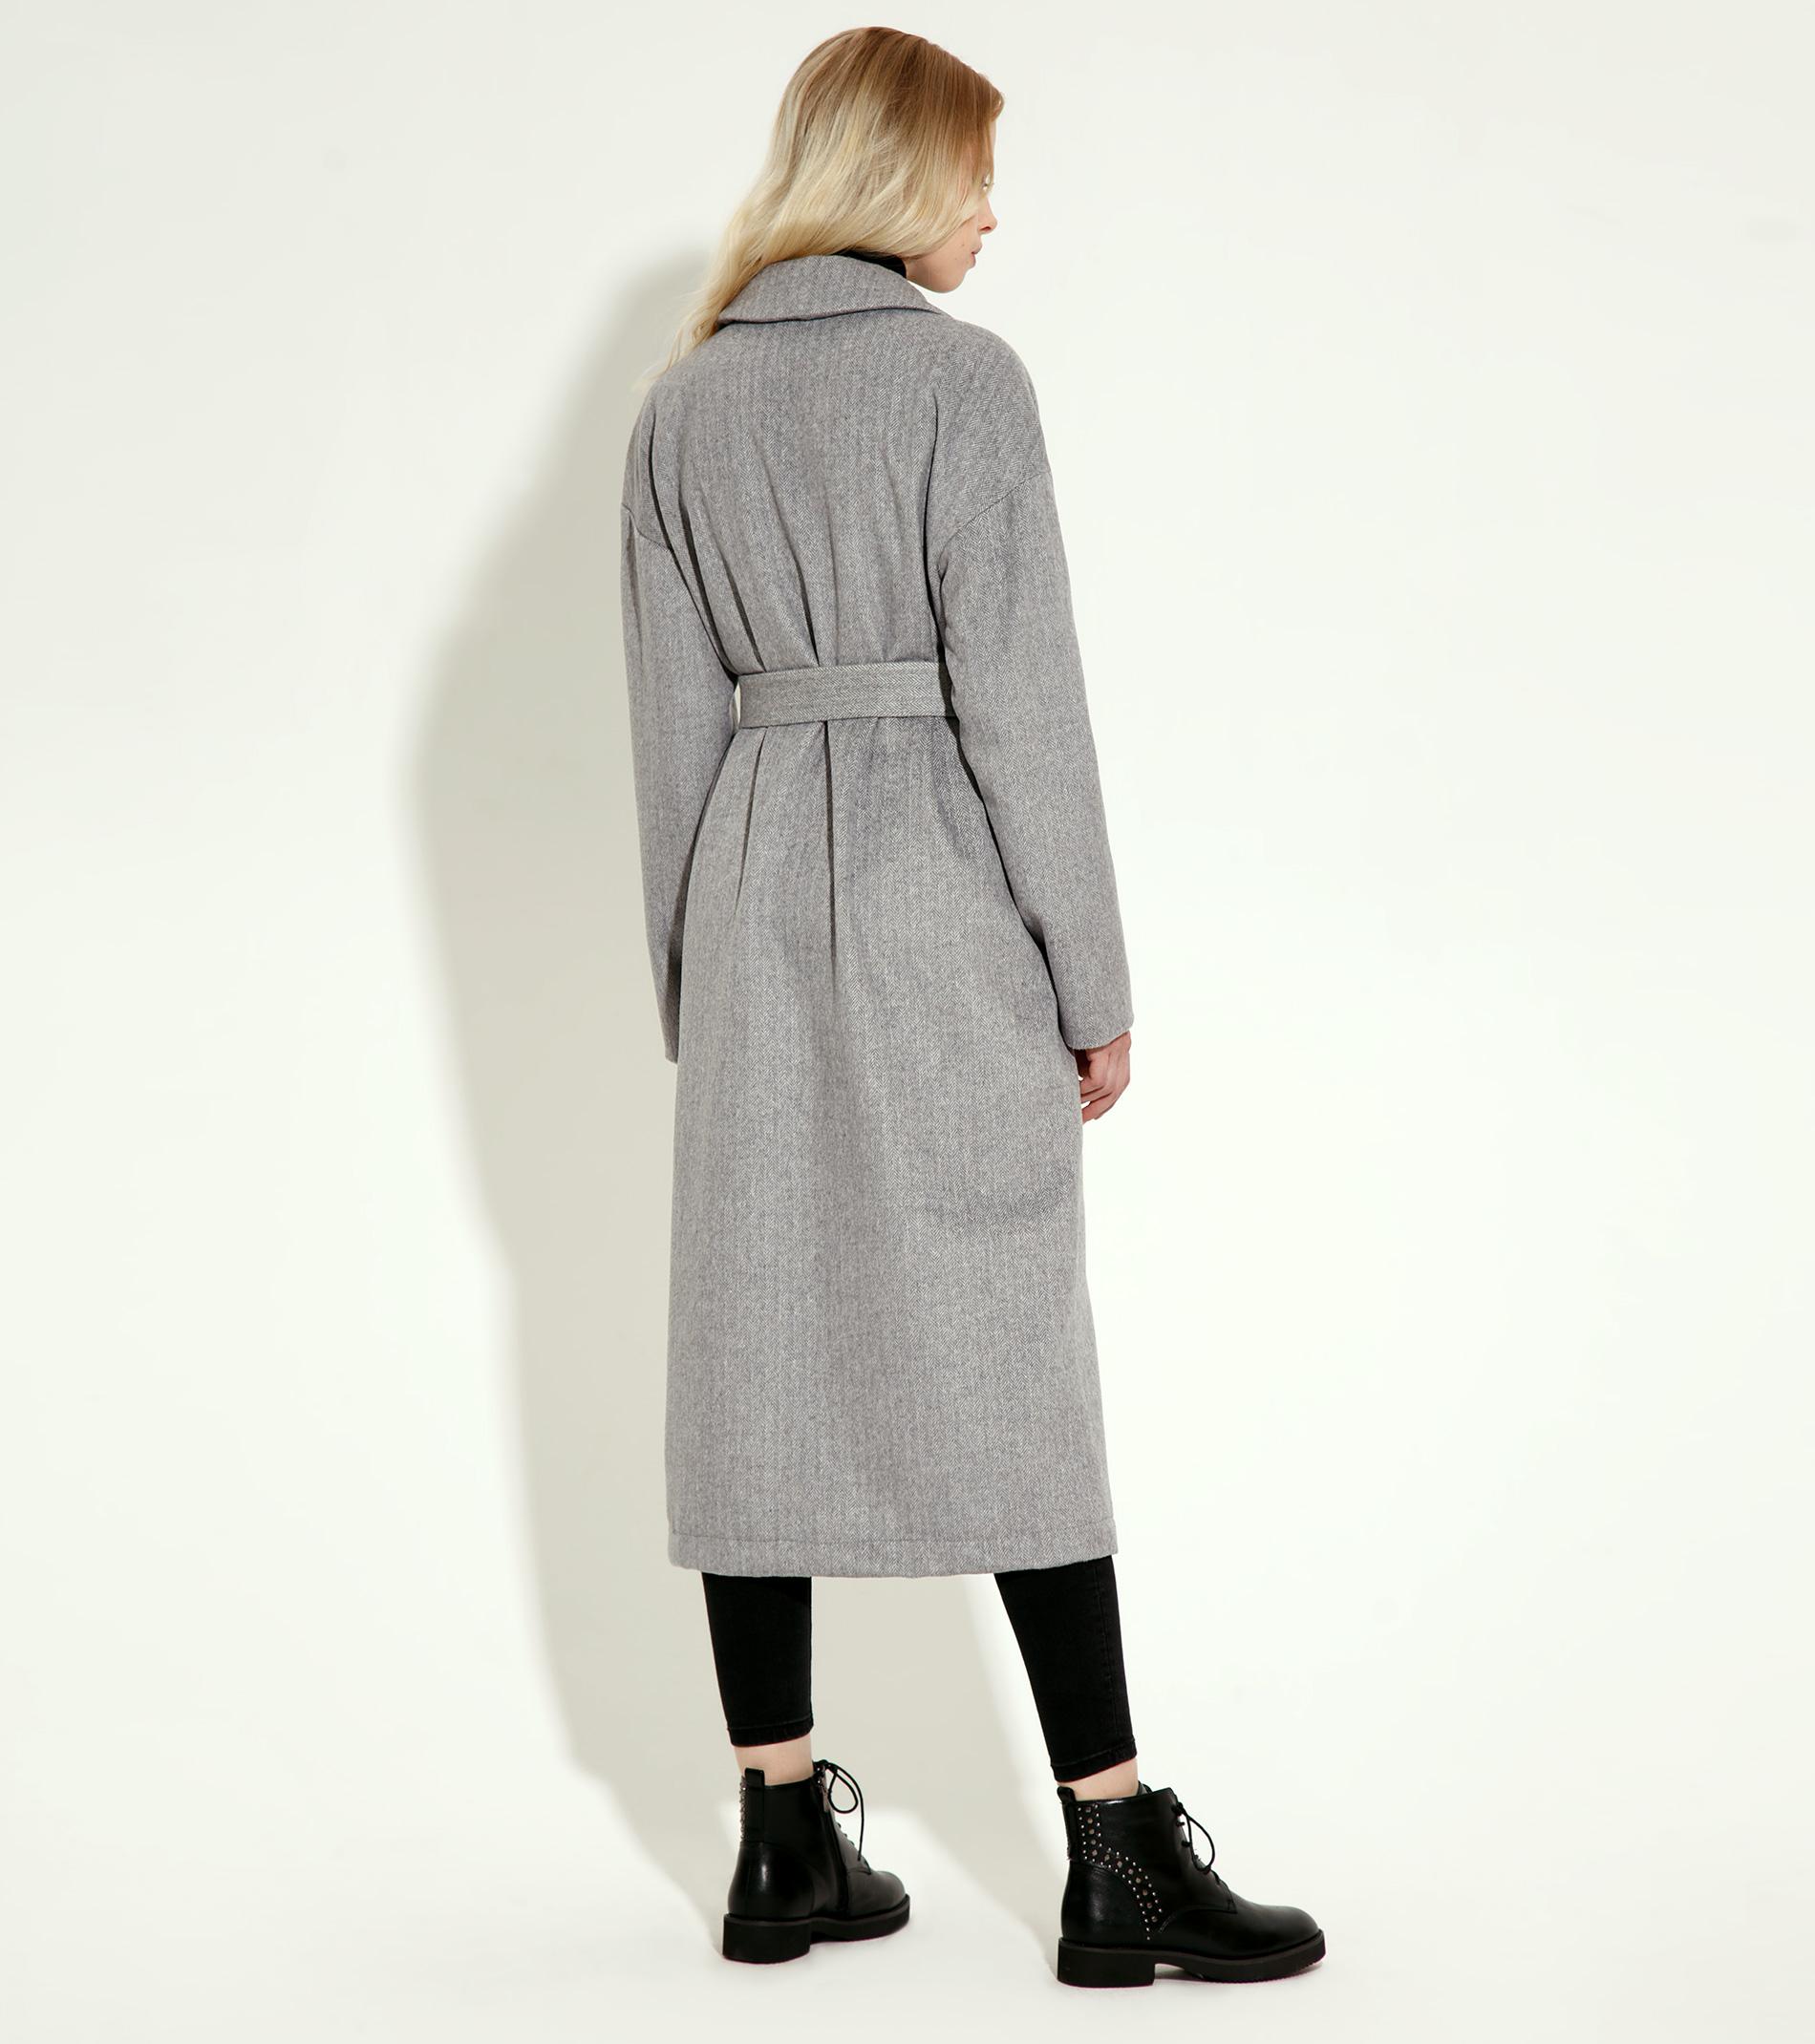 Купить женское белье в интернет магазине с бесплатной доставкой нижнее белье для бега женские